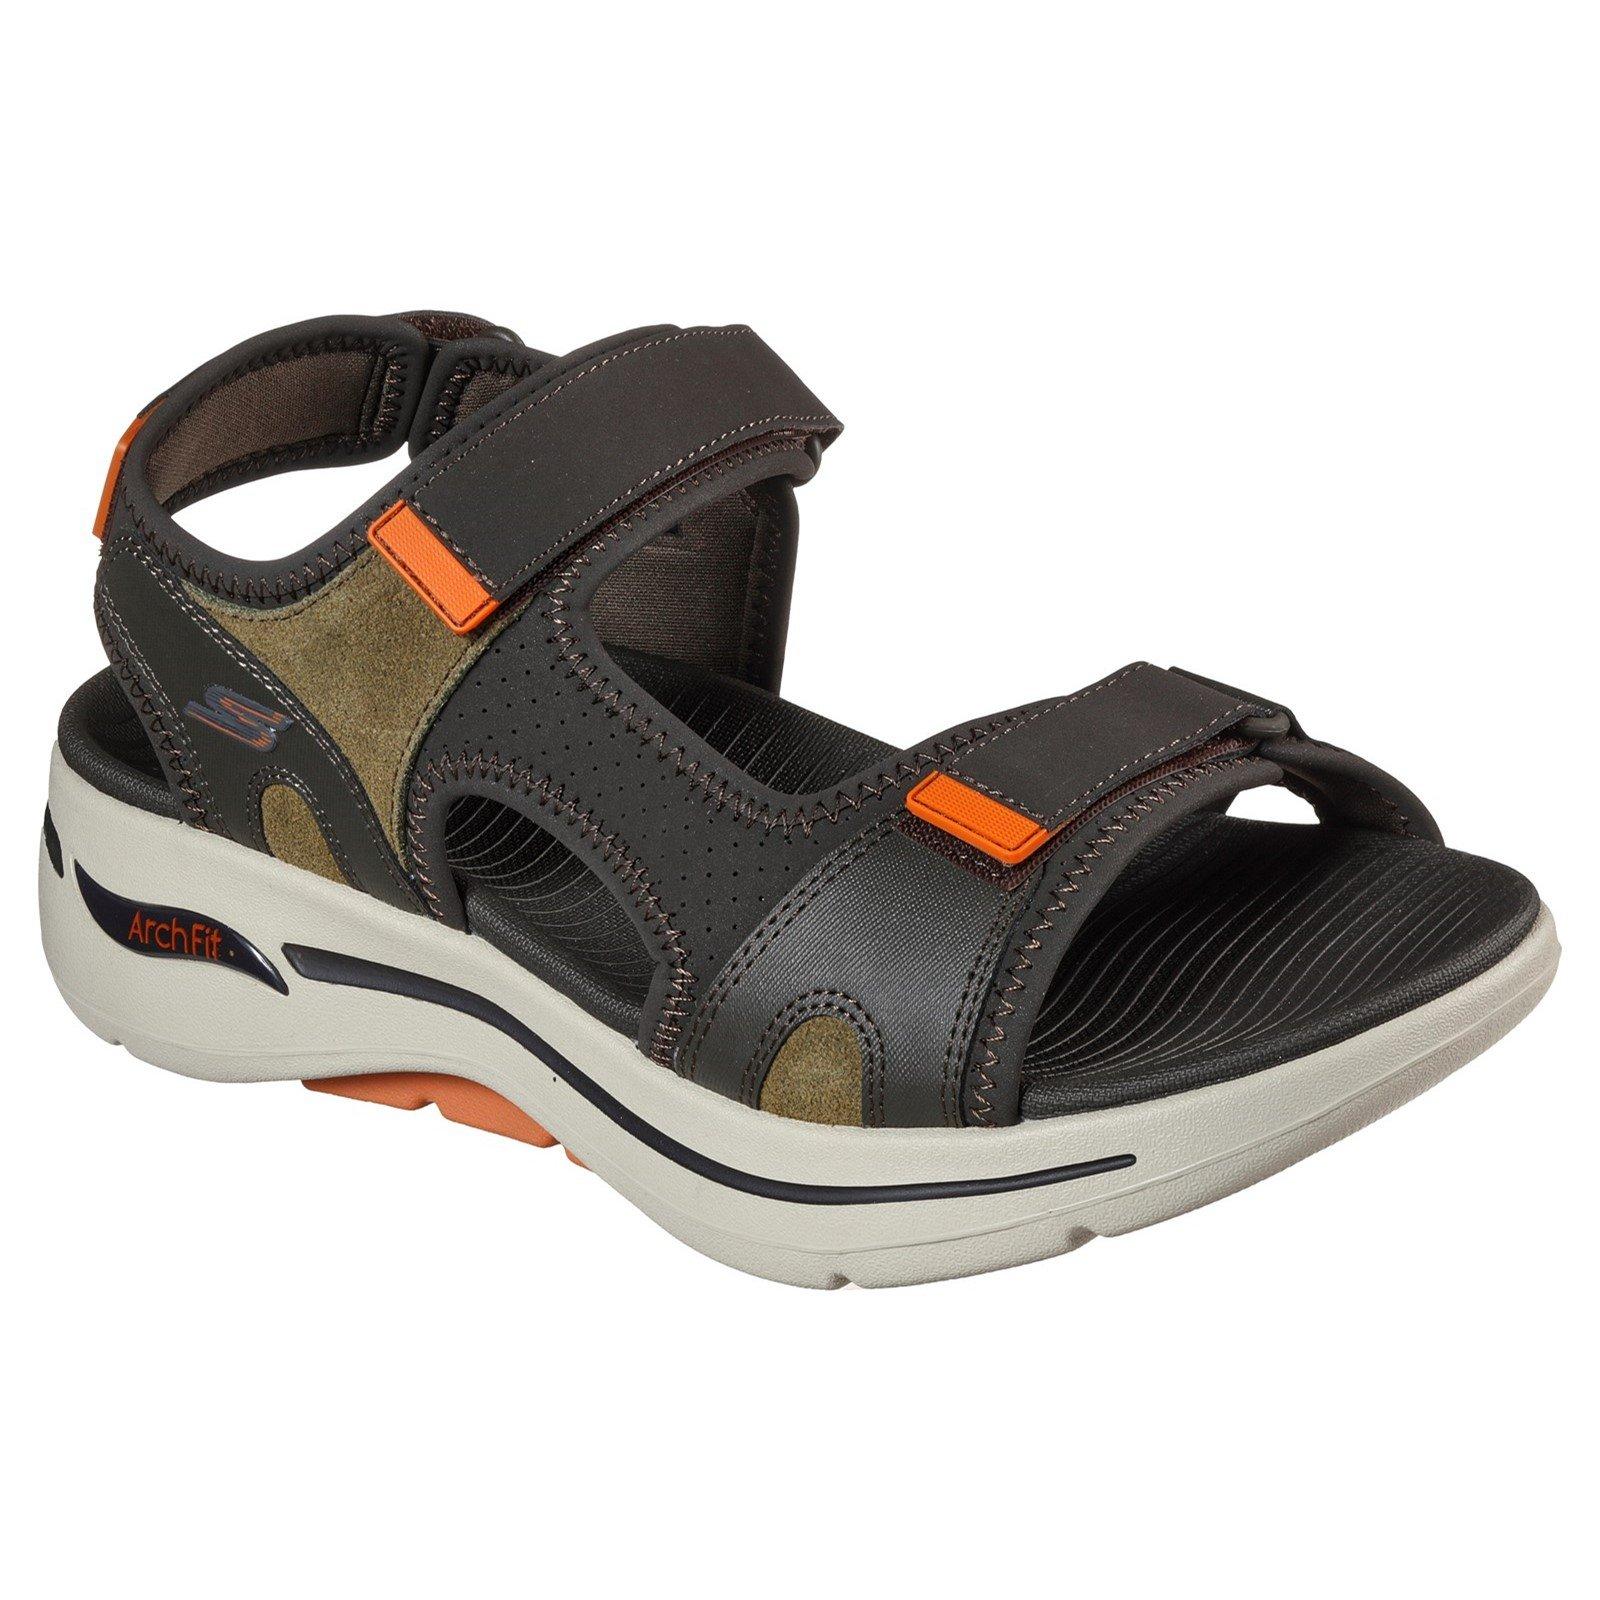 Skechers Men's Go Walk Arch Fit Mission Summer Sandal Multicolor 32211 - Olive/Orange 10